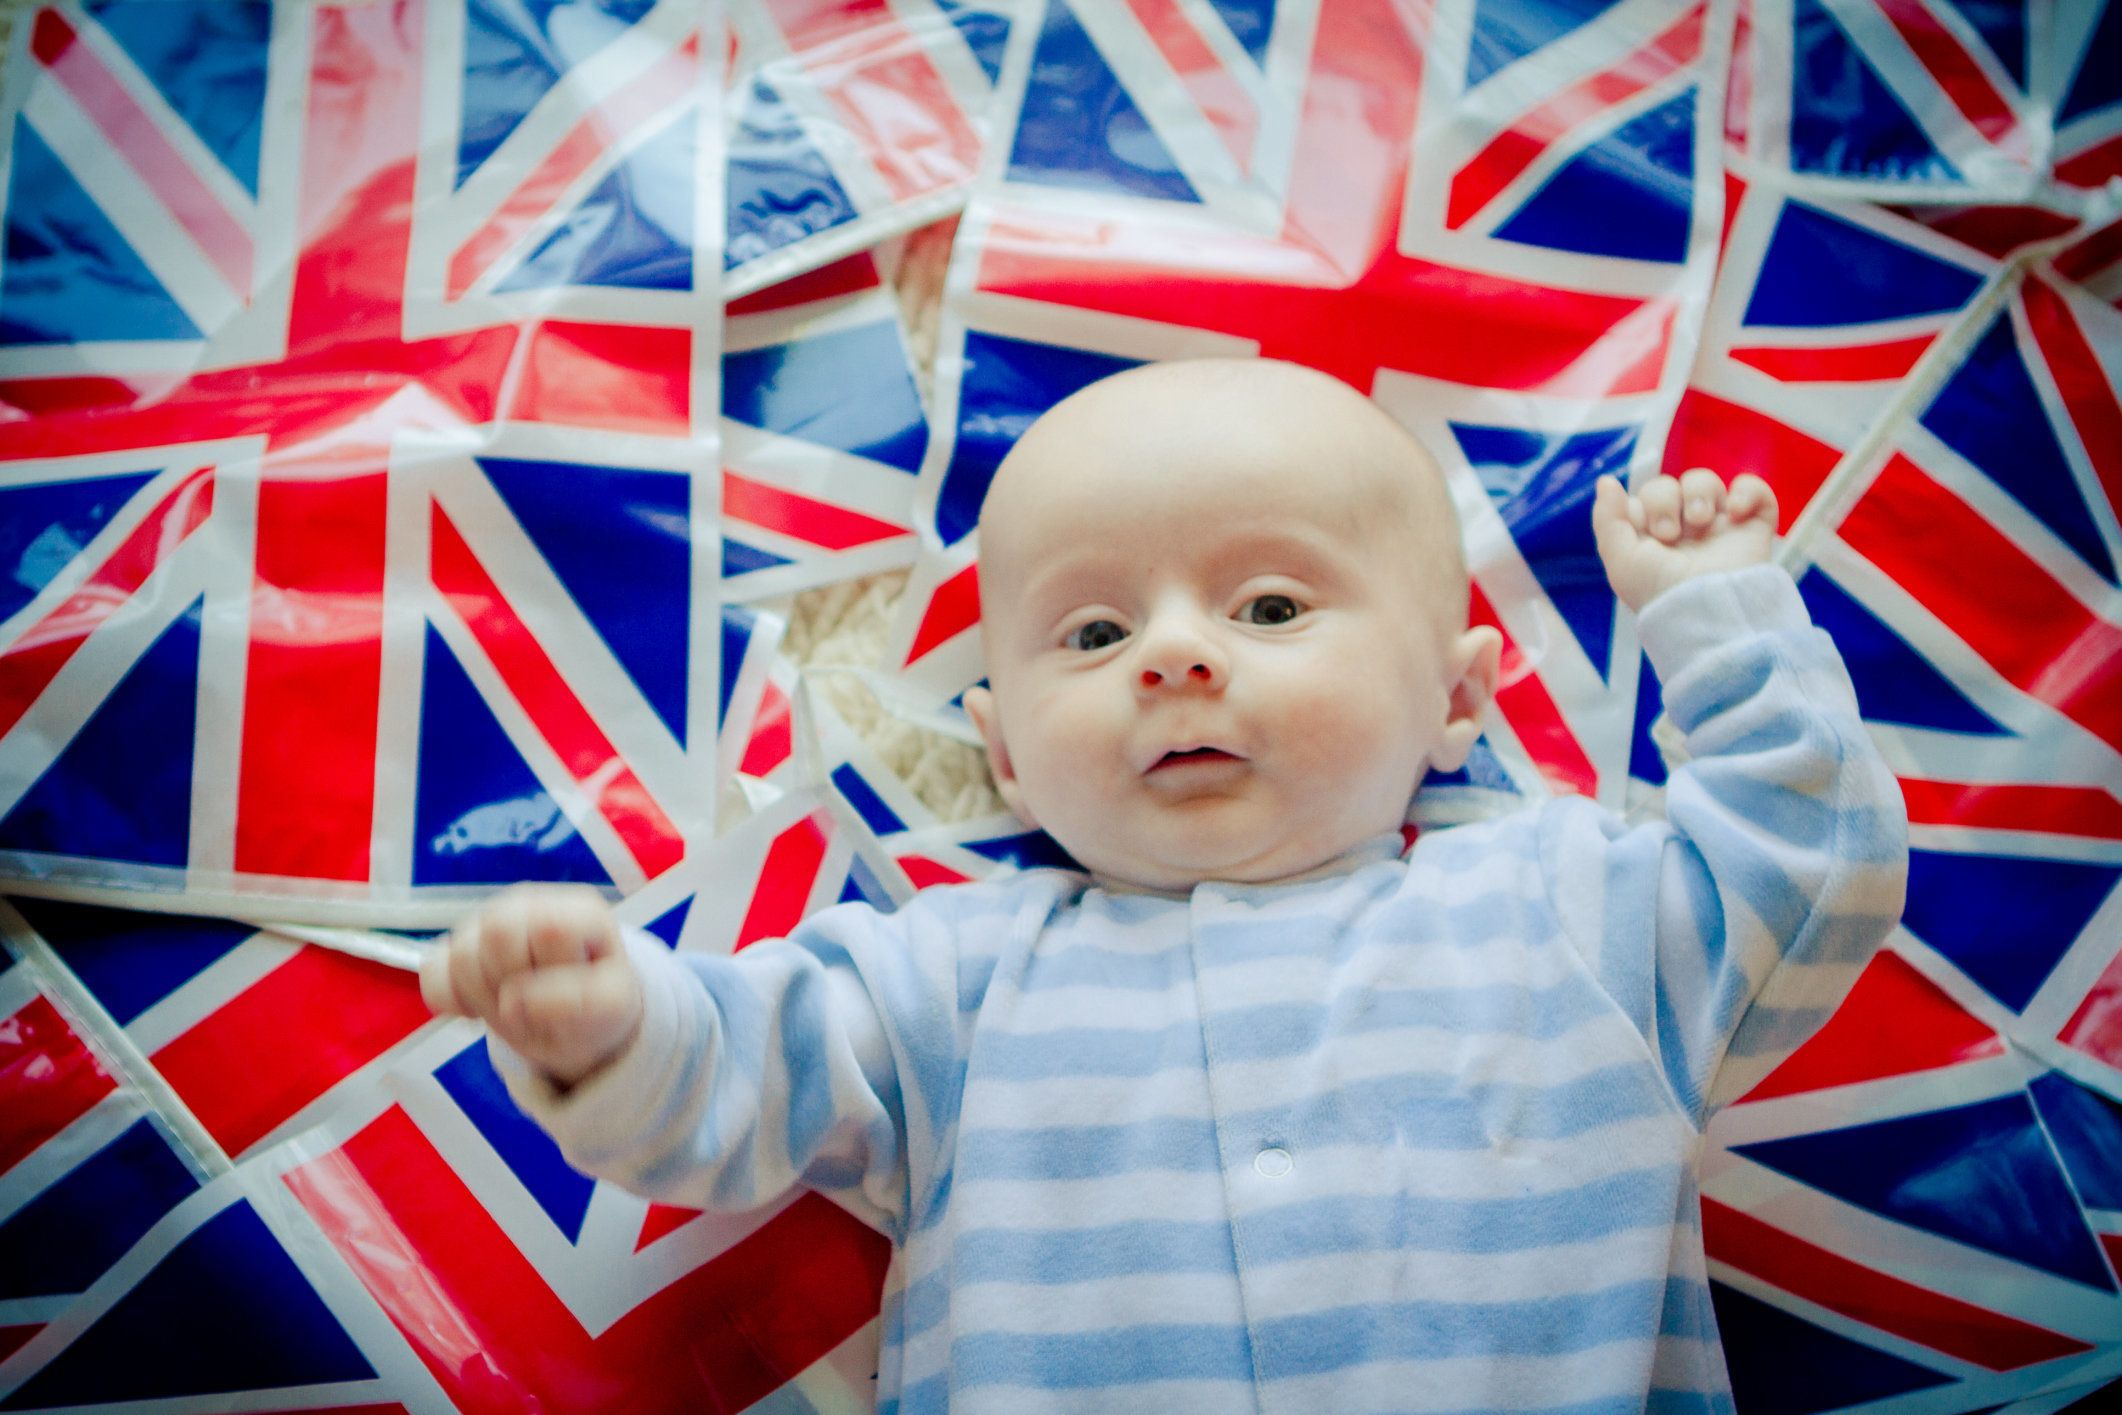 Baby celebrating the royal wedding